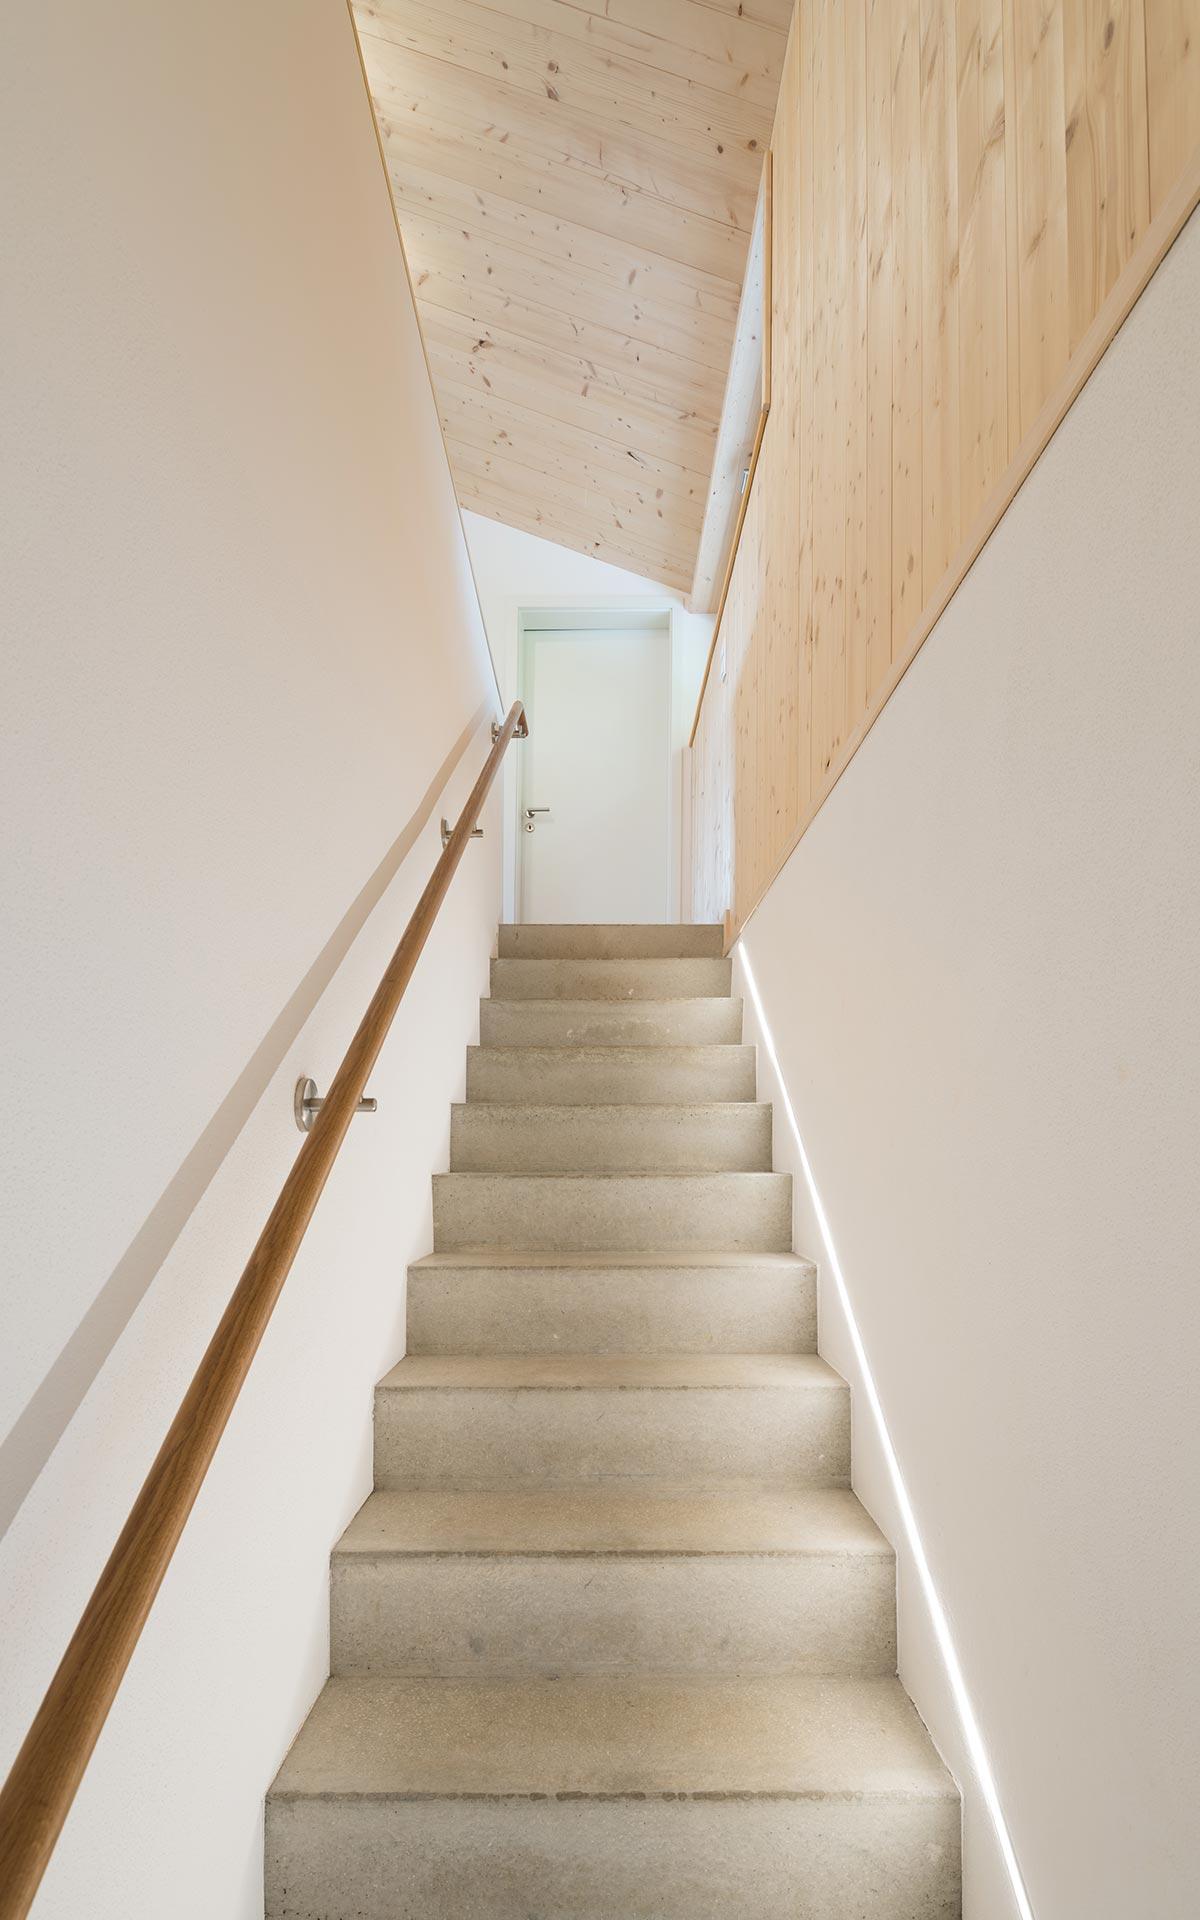 Materialmix im Hausbau: Beton und Holz